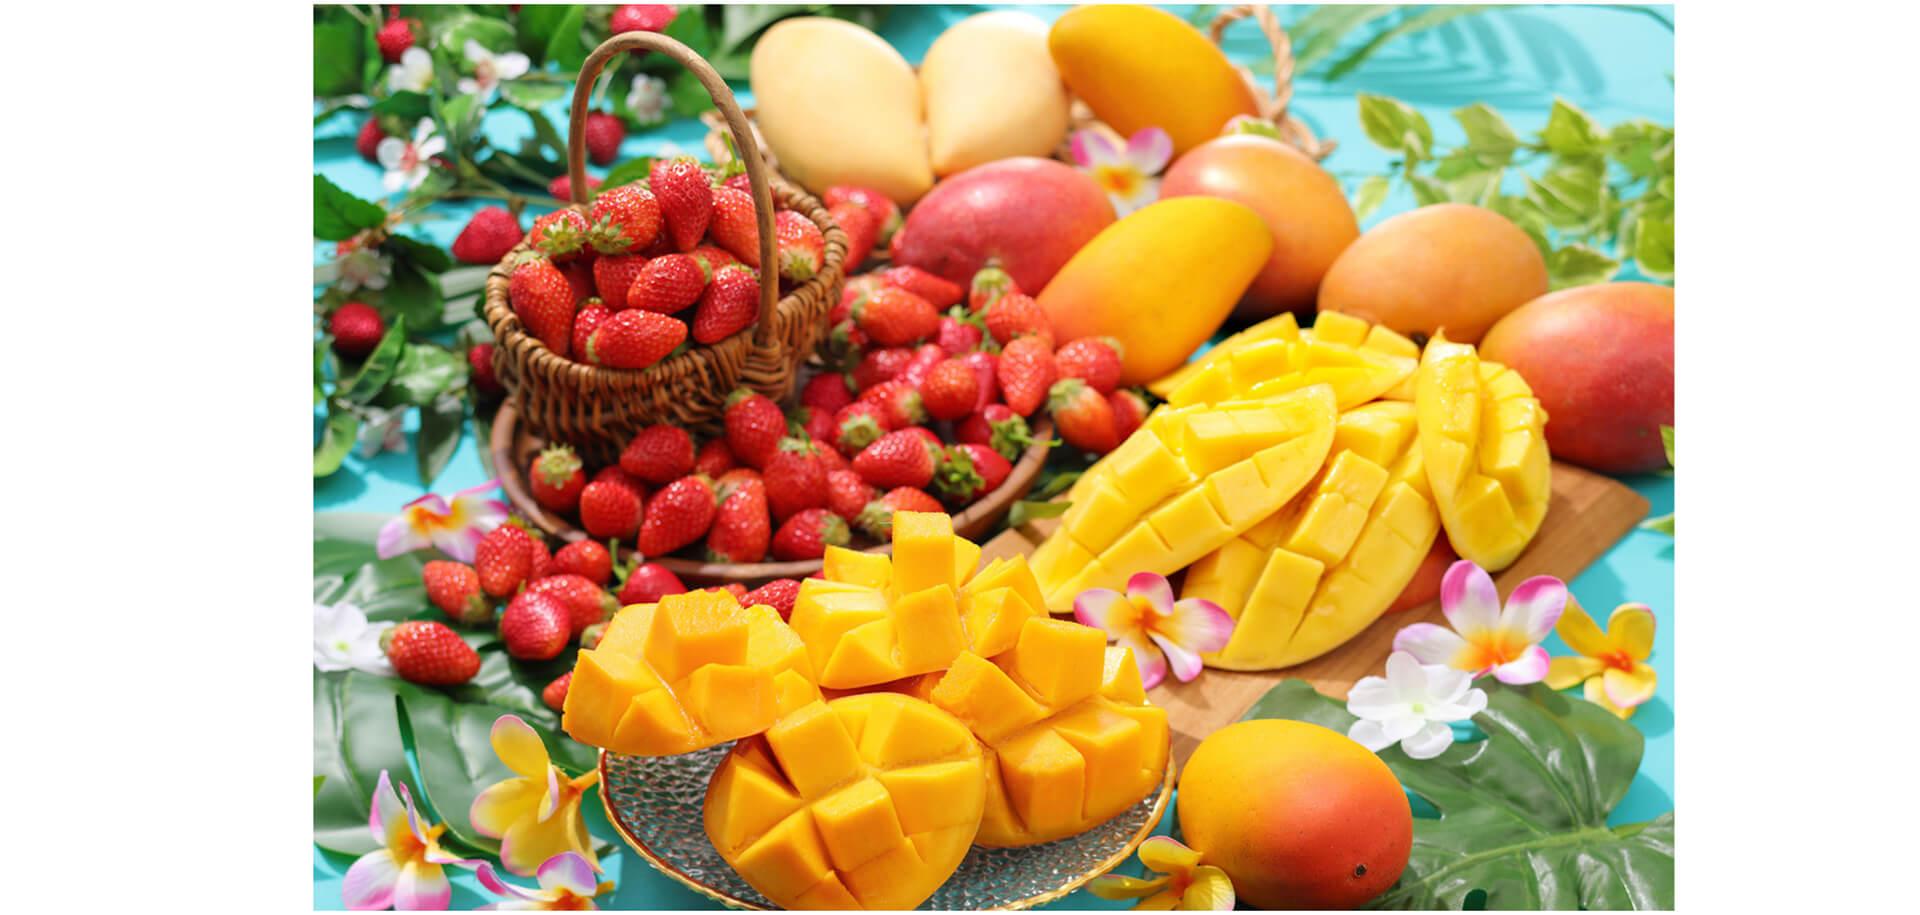 フルーツパラダイス『マンゴー食べ放題』~いちごも!メロンも!大満足のフルーツ食べ放題~